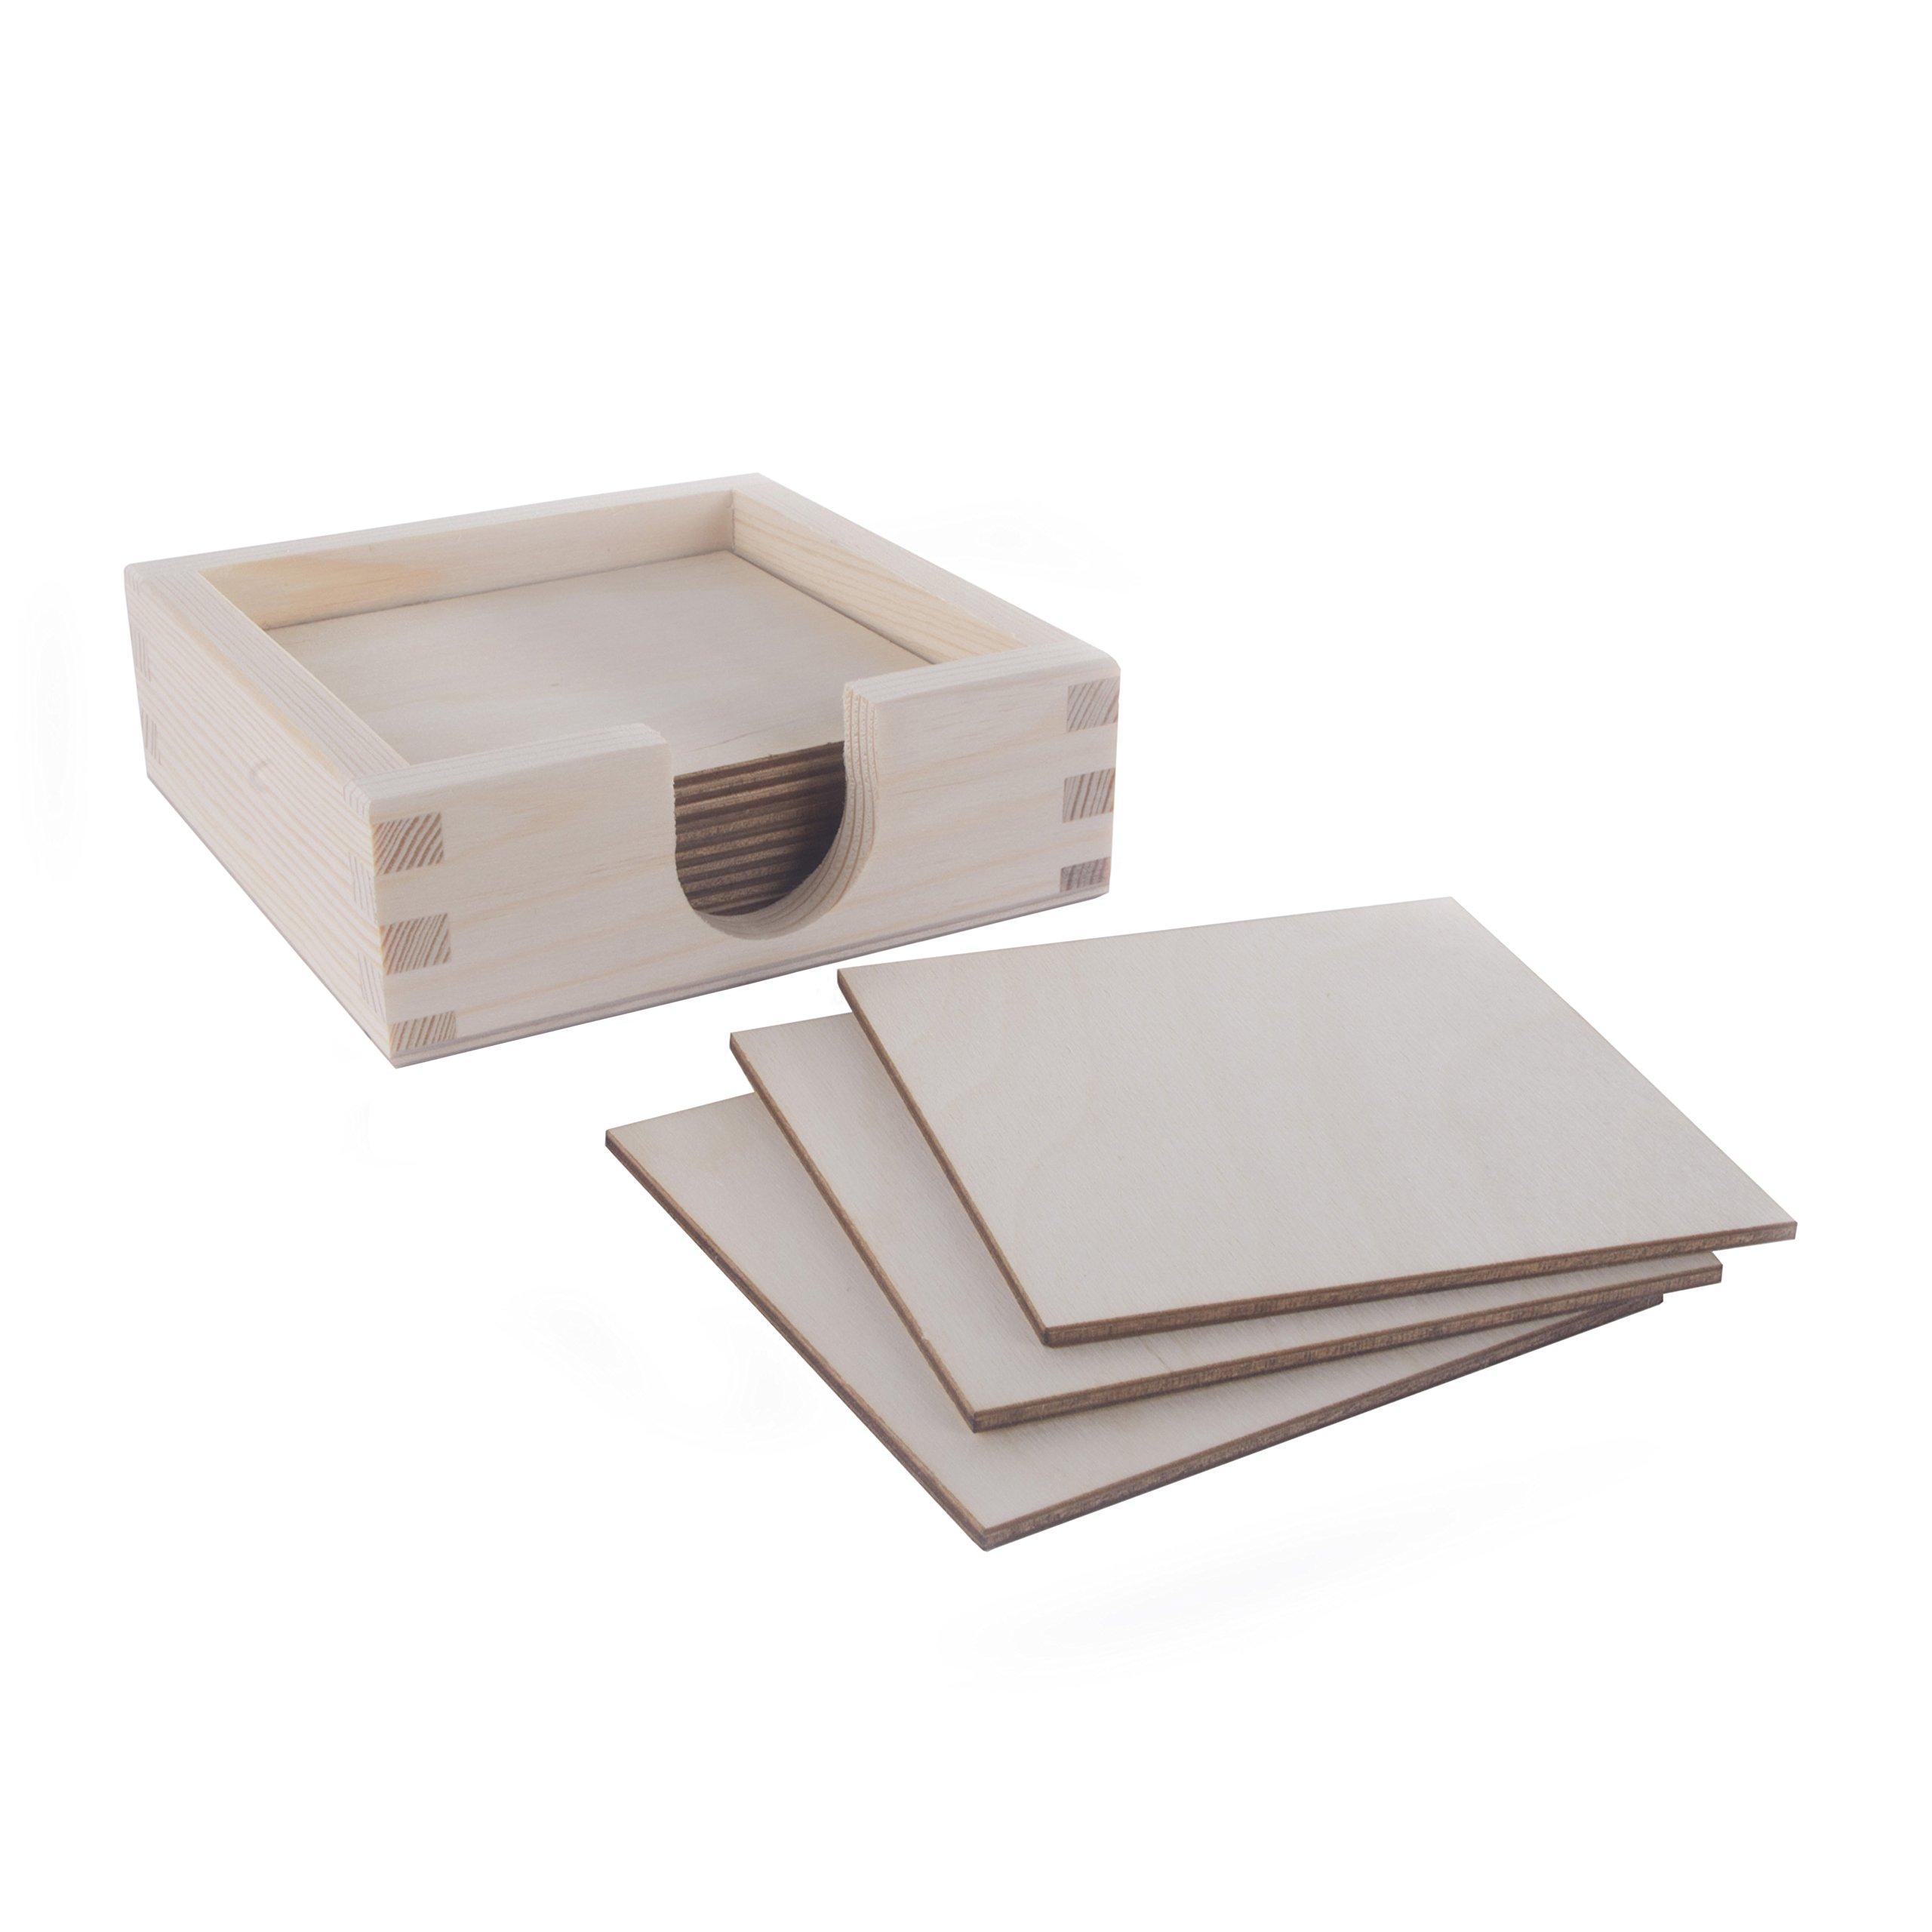 Posavasos cuadrados de madera para manualidades con soporte para ...